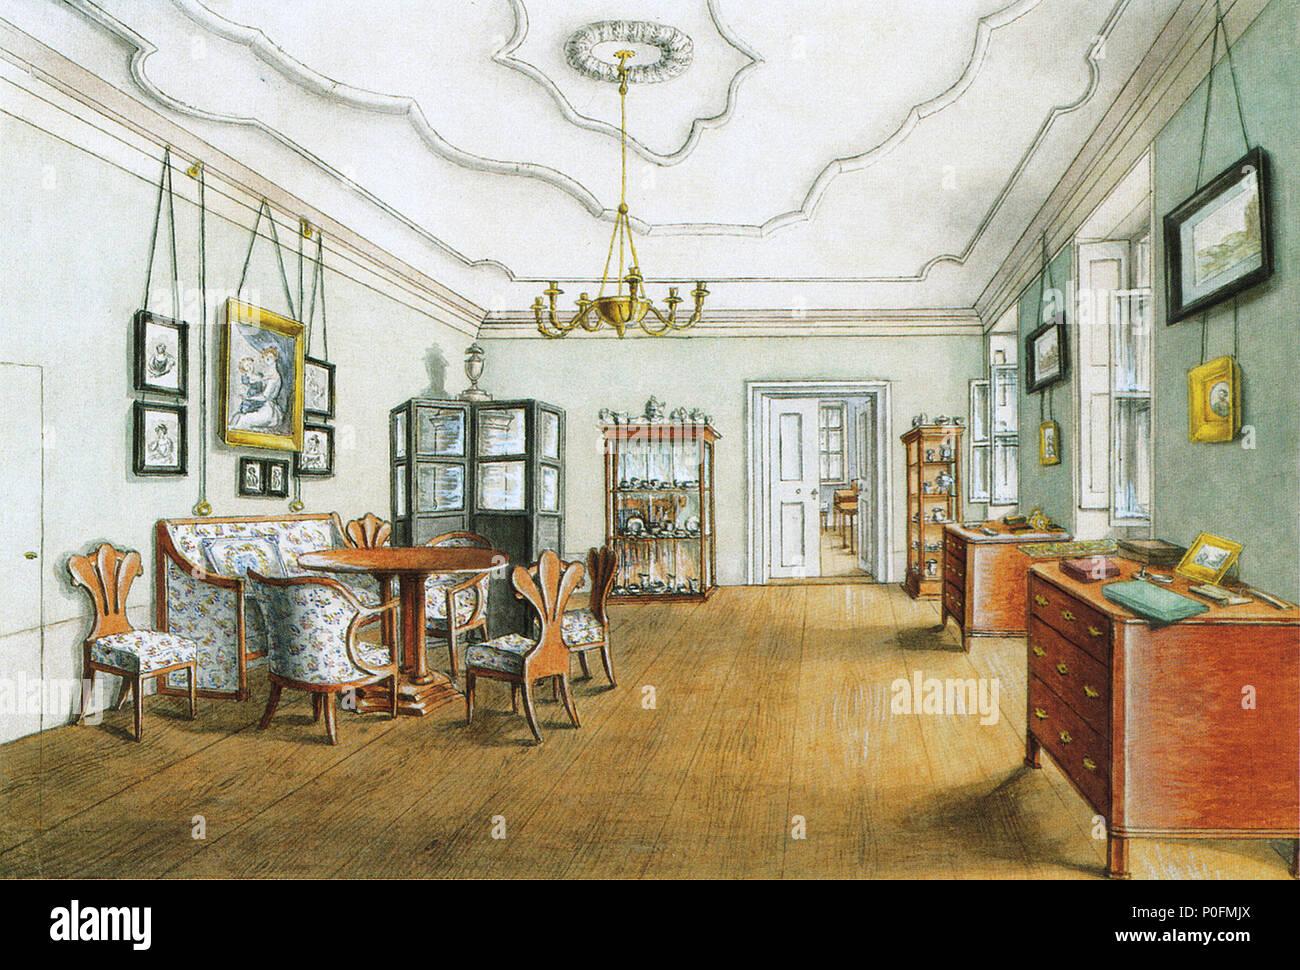 German Wohnzimmer Der Tanzerin Fanny Elssler English Living Room Of